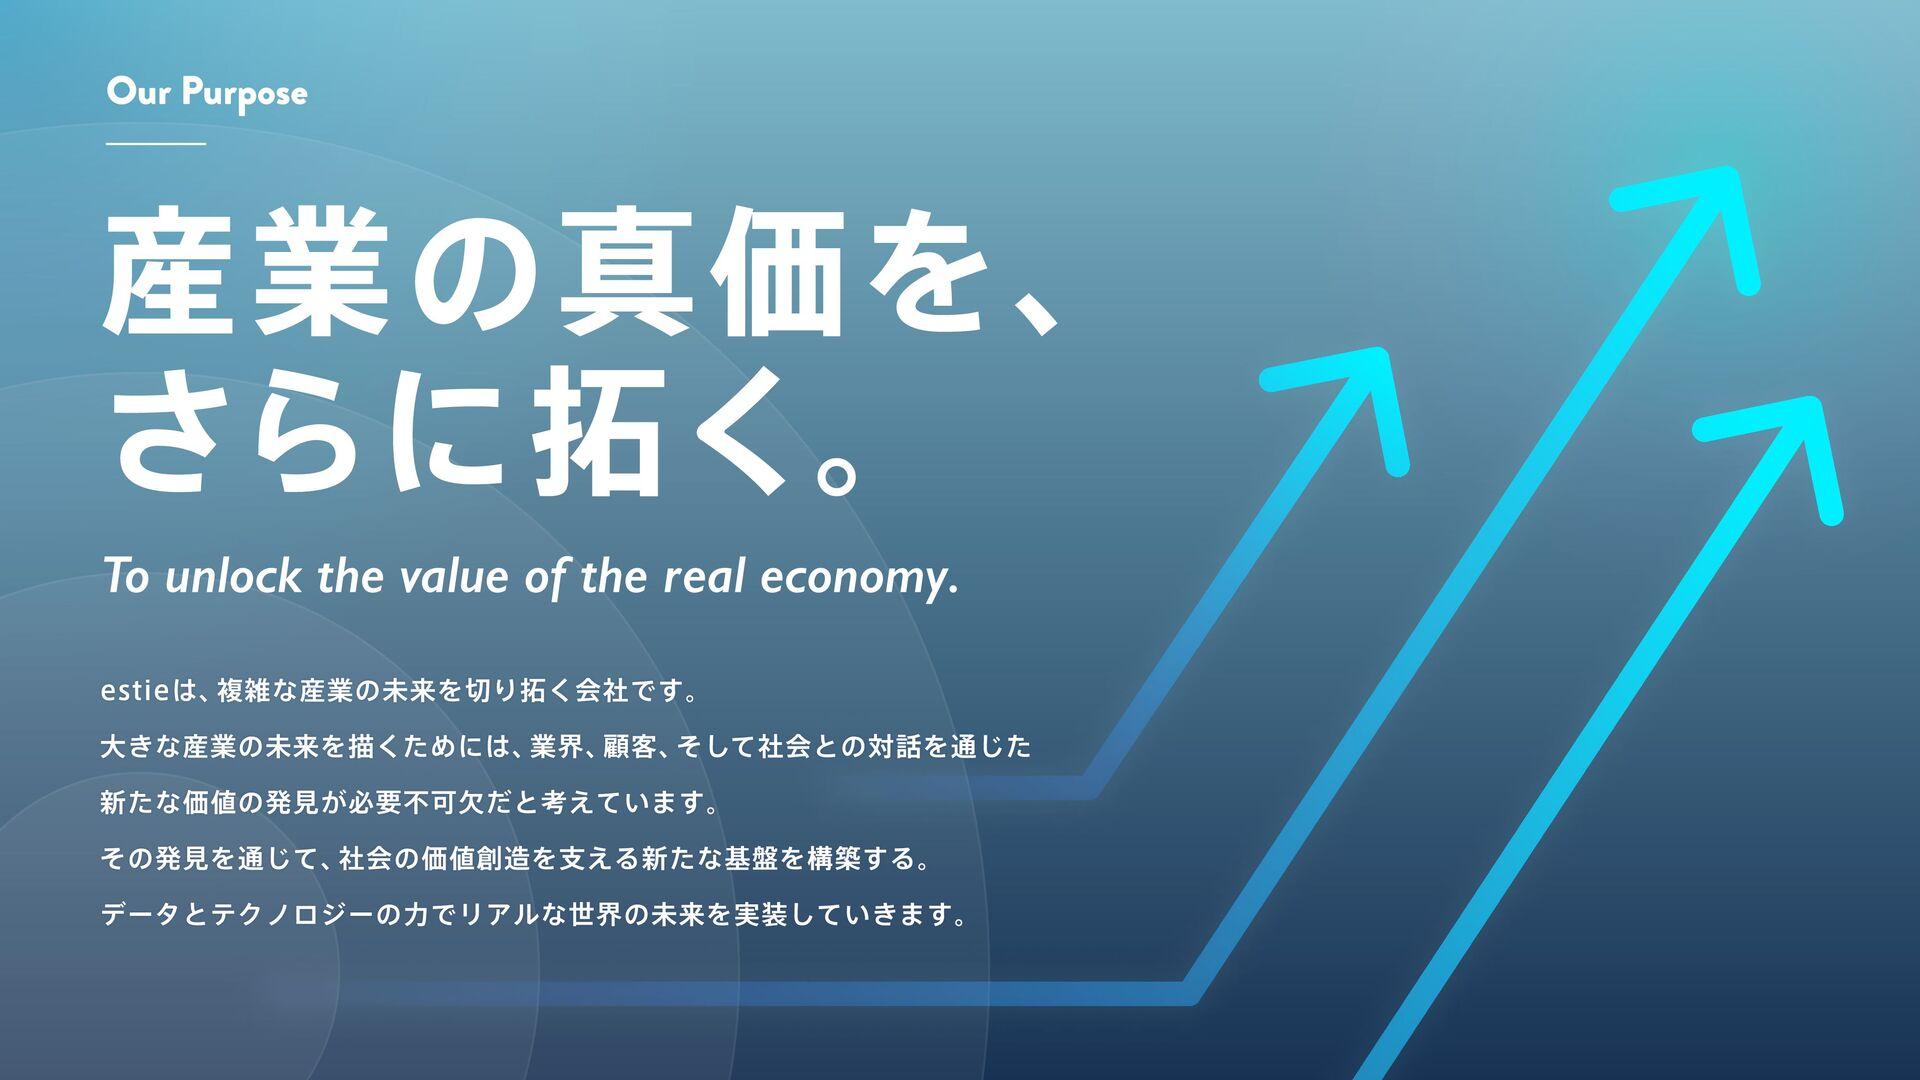 データとテクノロジーを武器に  事業用不動産の世界をアップデートする Mission esti...